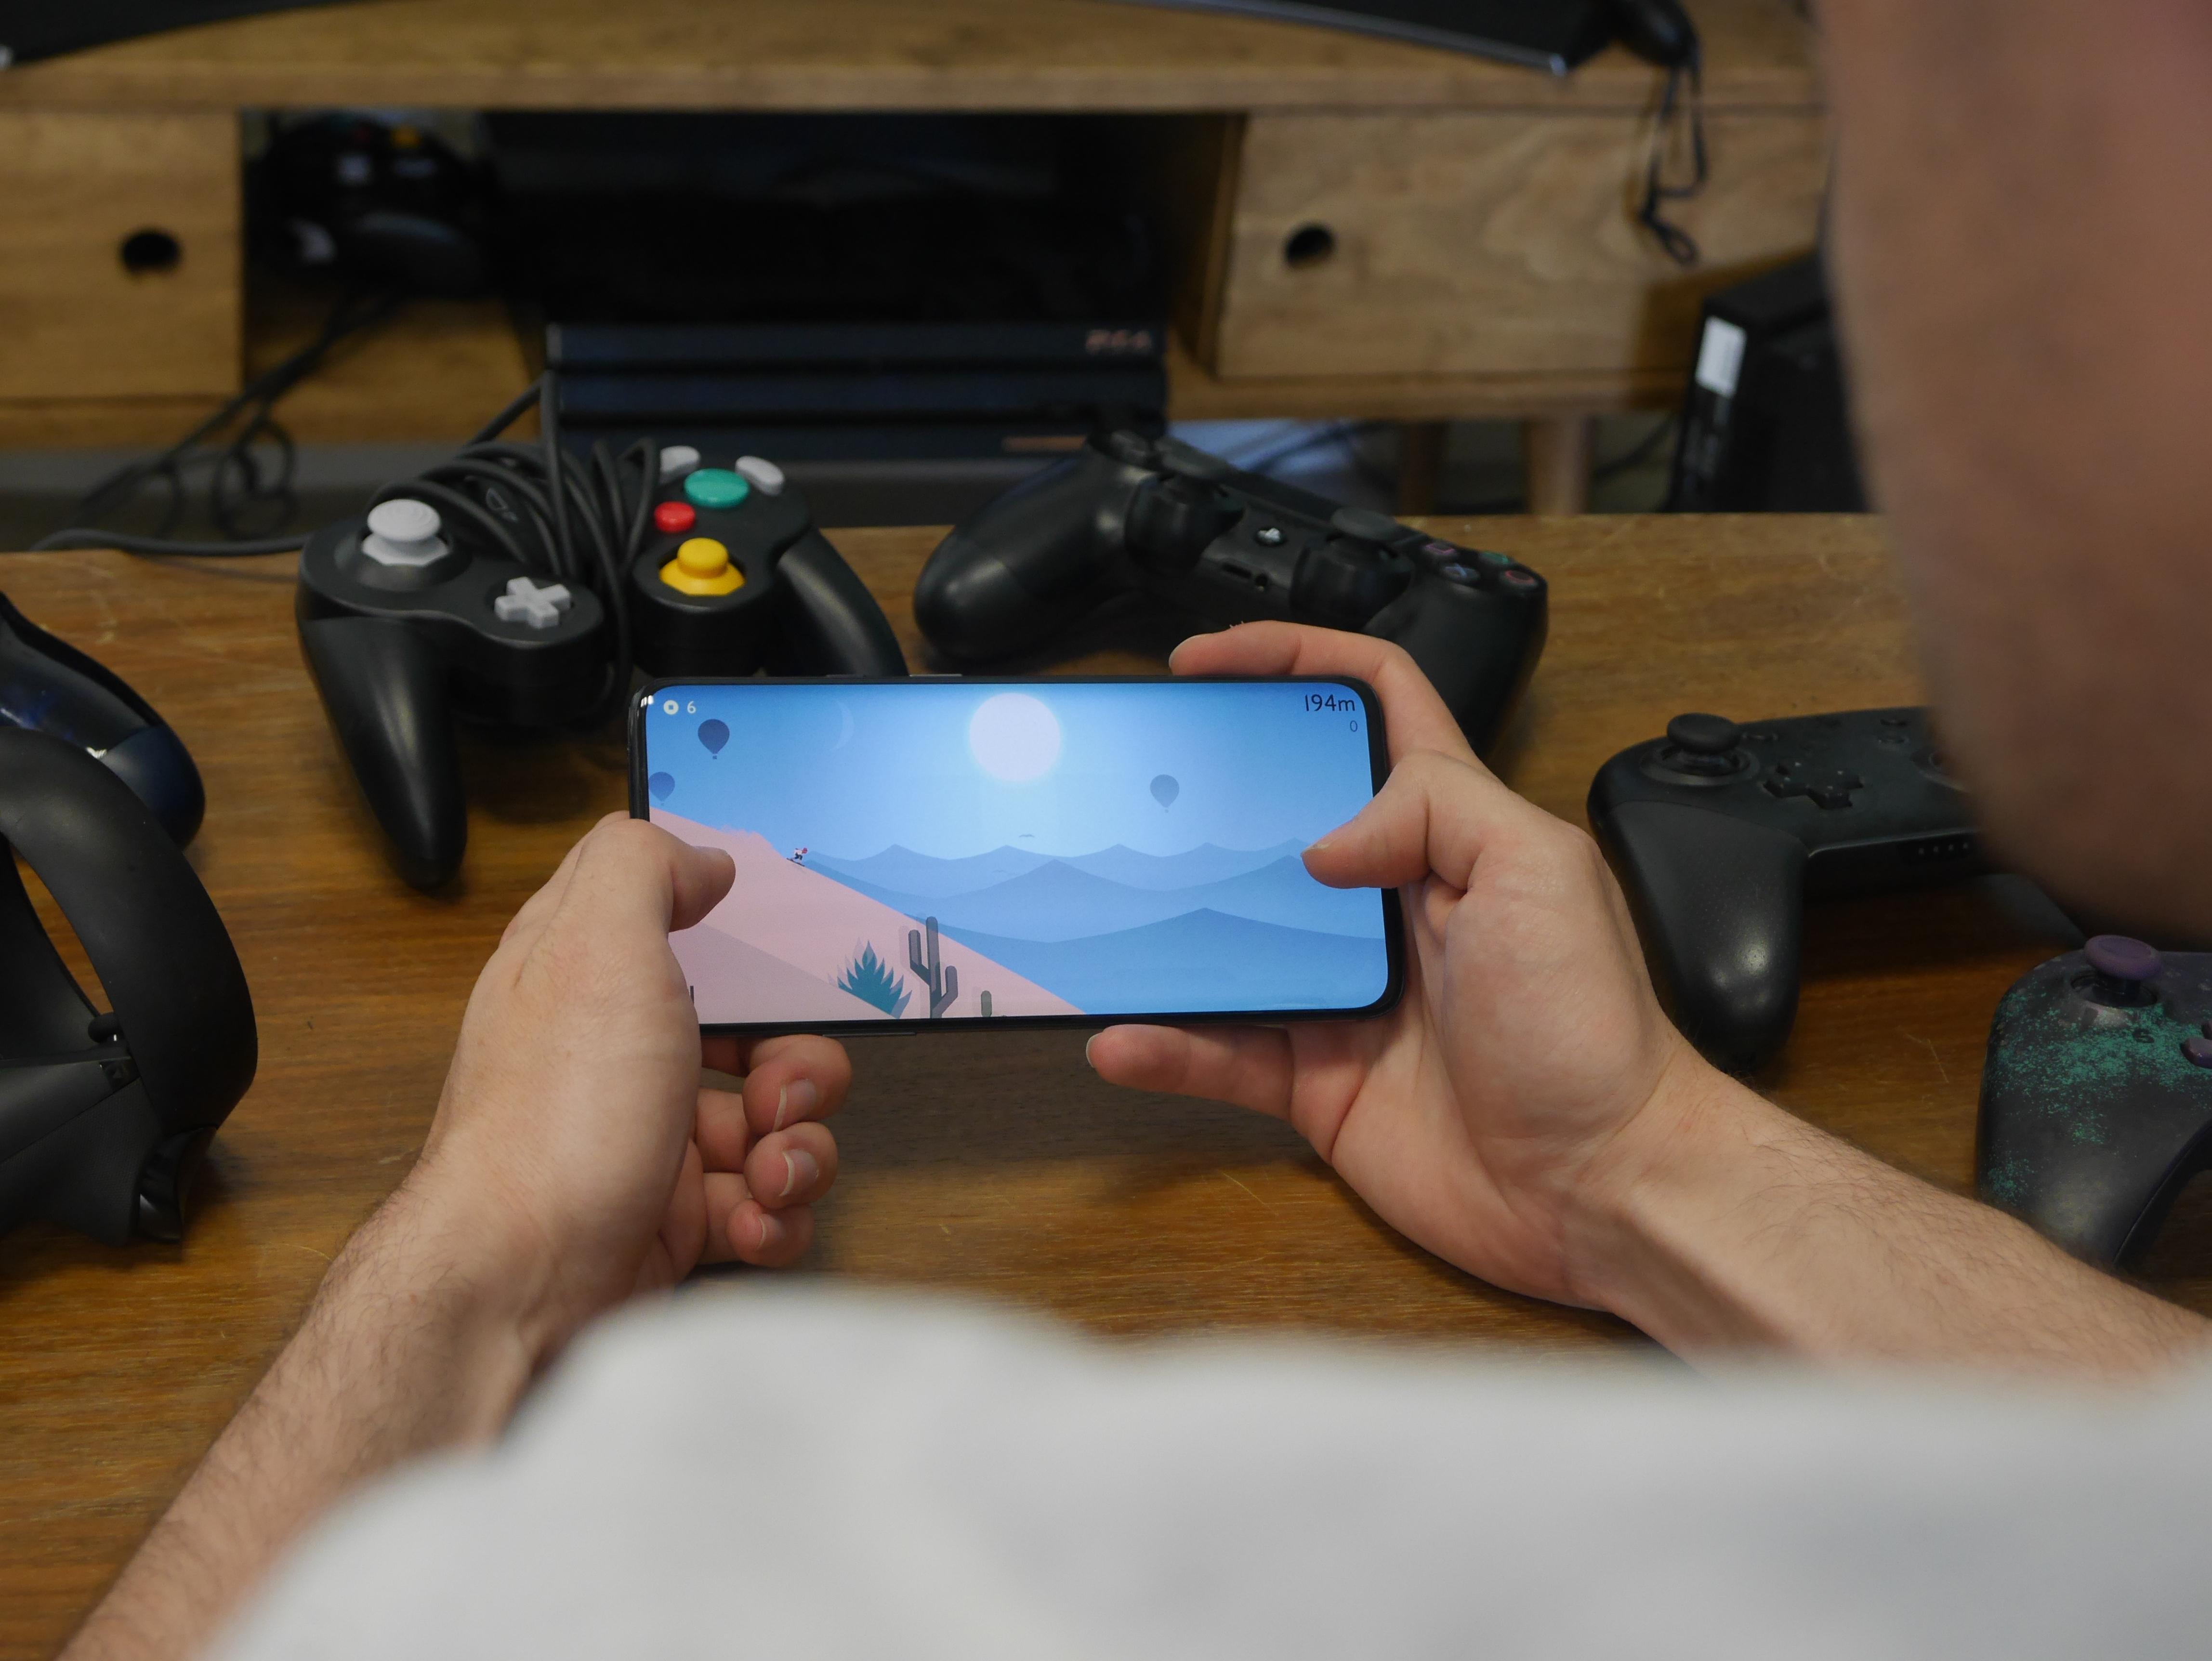 Les Meilleurs Jeux Gratuits Sur Android En 2020 serapportantà Jeux De Casse Brique Gratuit En Ligne